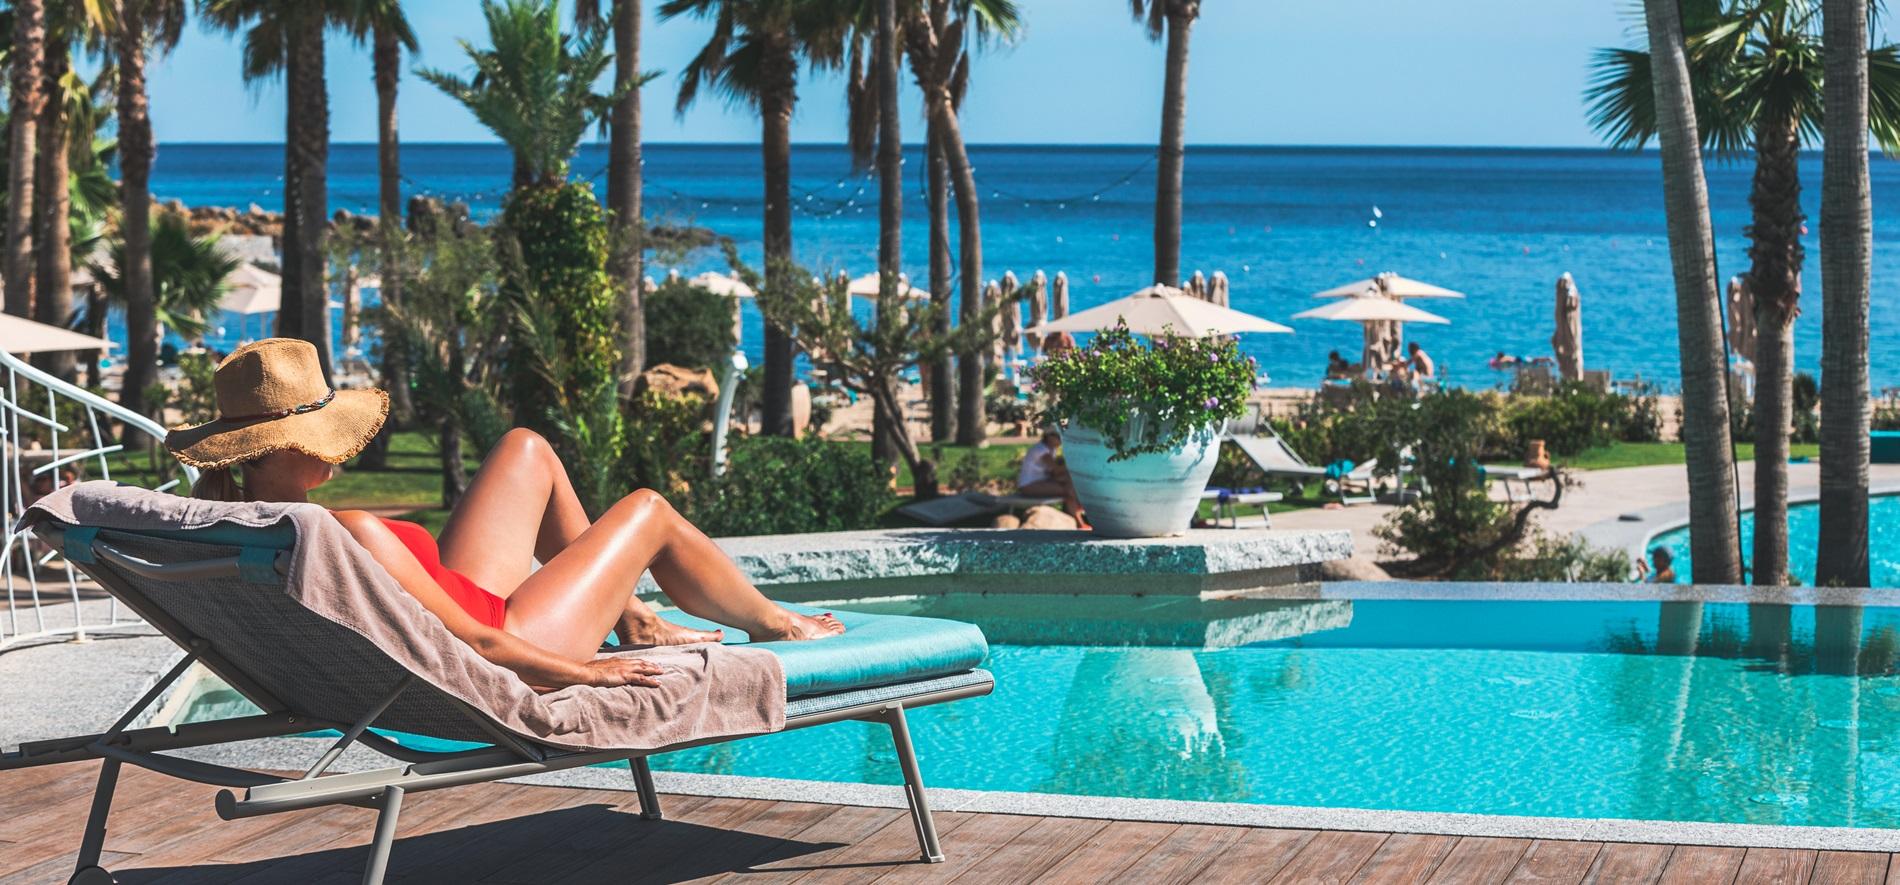 hotel-con-piscina-tropicale-acqua-di-mare-sardegna03